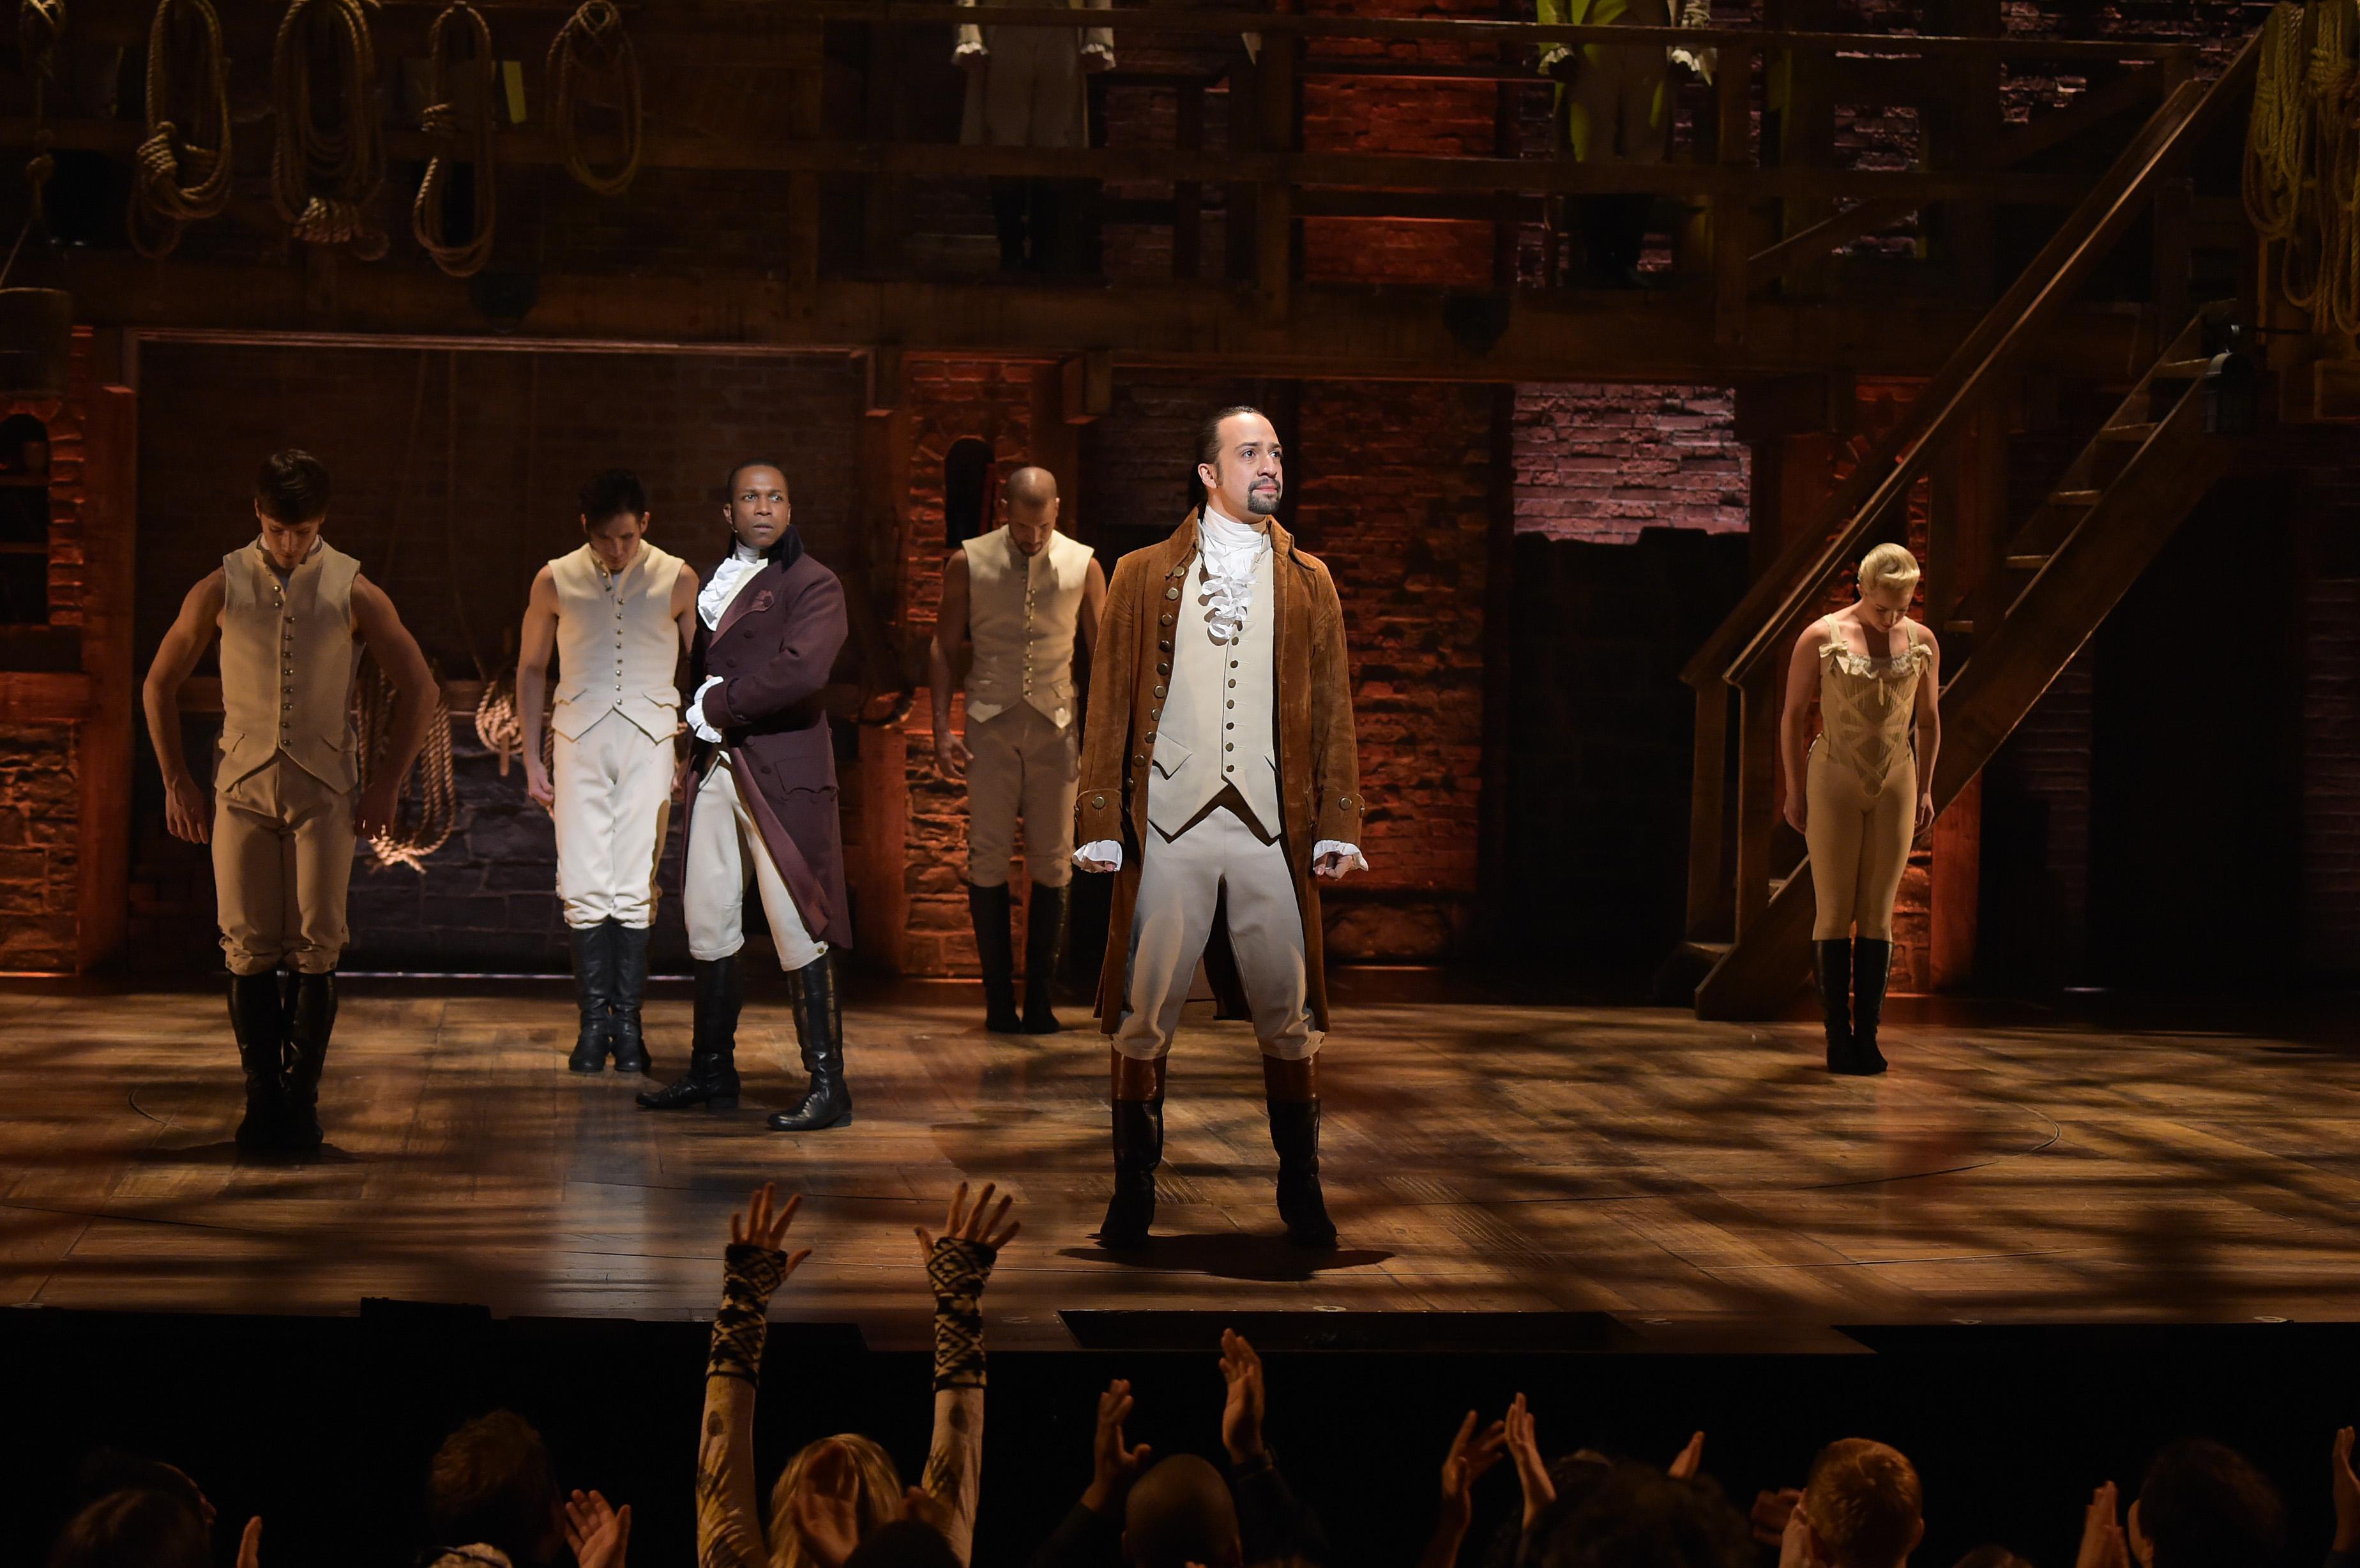 Leslie Odom Jr performing in award-winning musical Hamilton